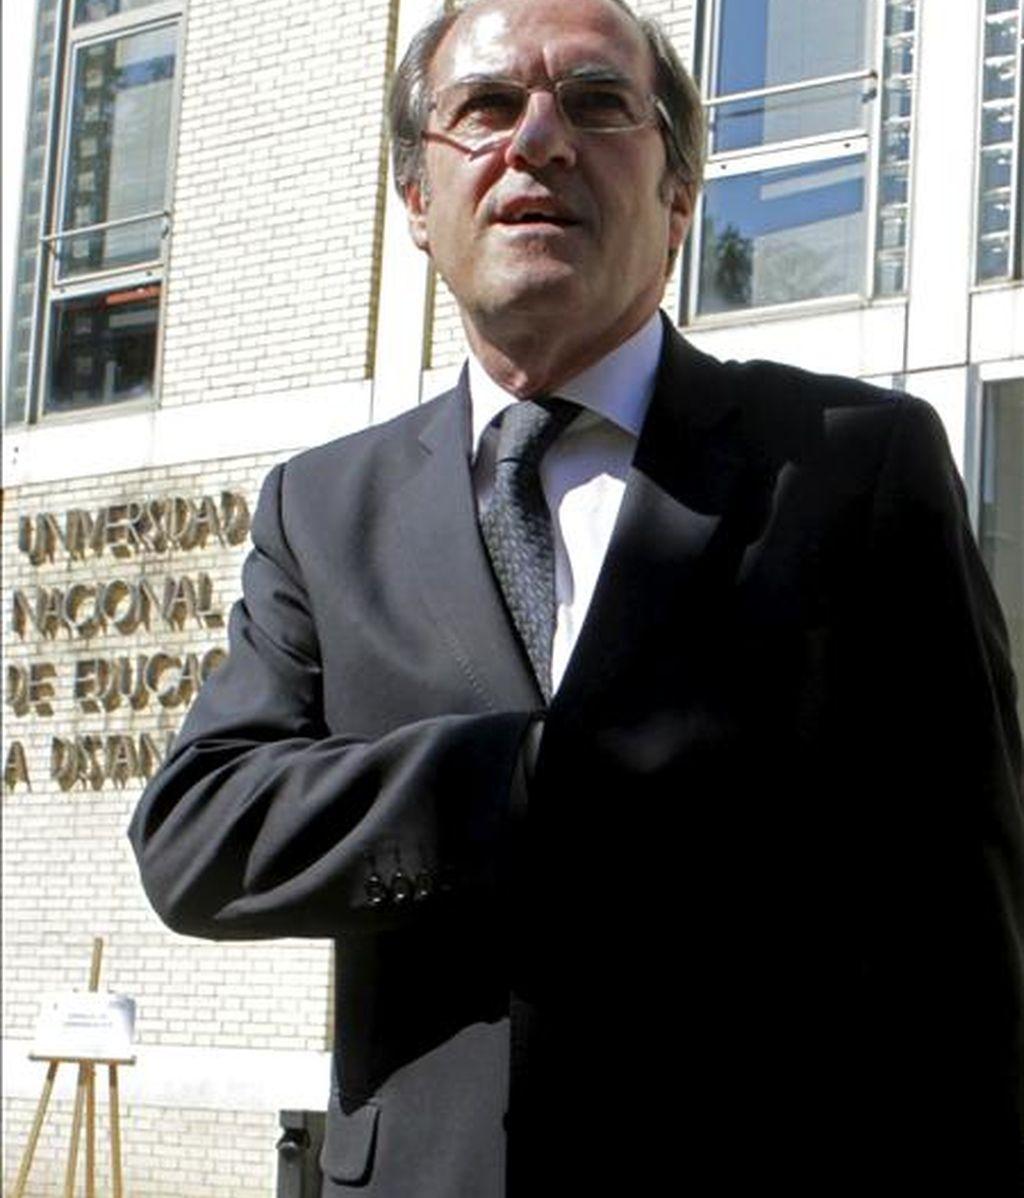 El ministro de Educación, Ángel Gabilondo, a su llegada a la Facultad de Ciencias Económicas y Empresariales de la UNED donde presidió el pleno del Consejo de Universidades. EFE